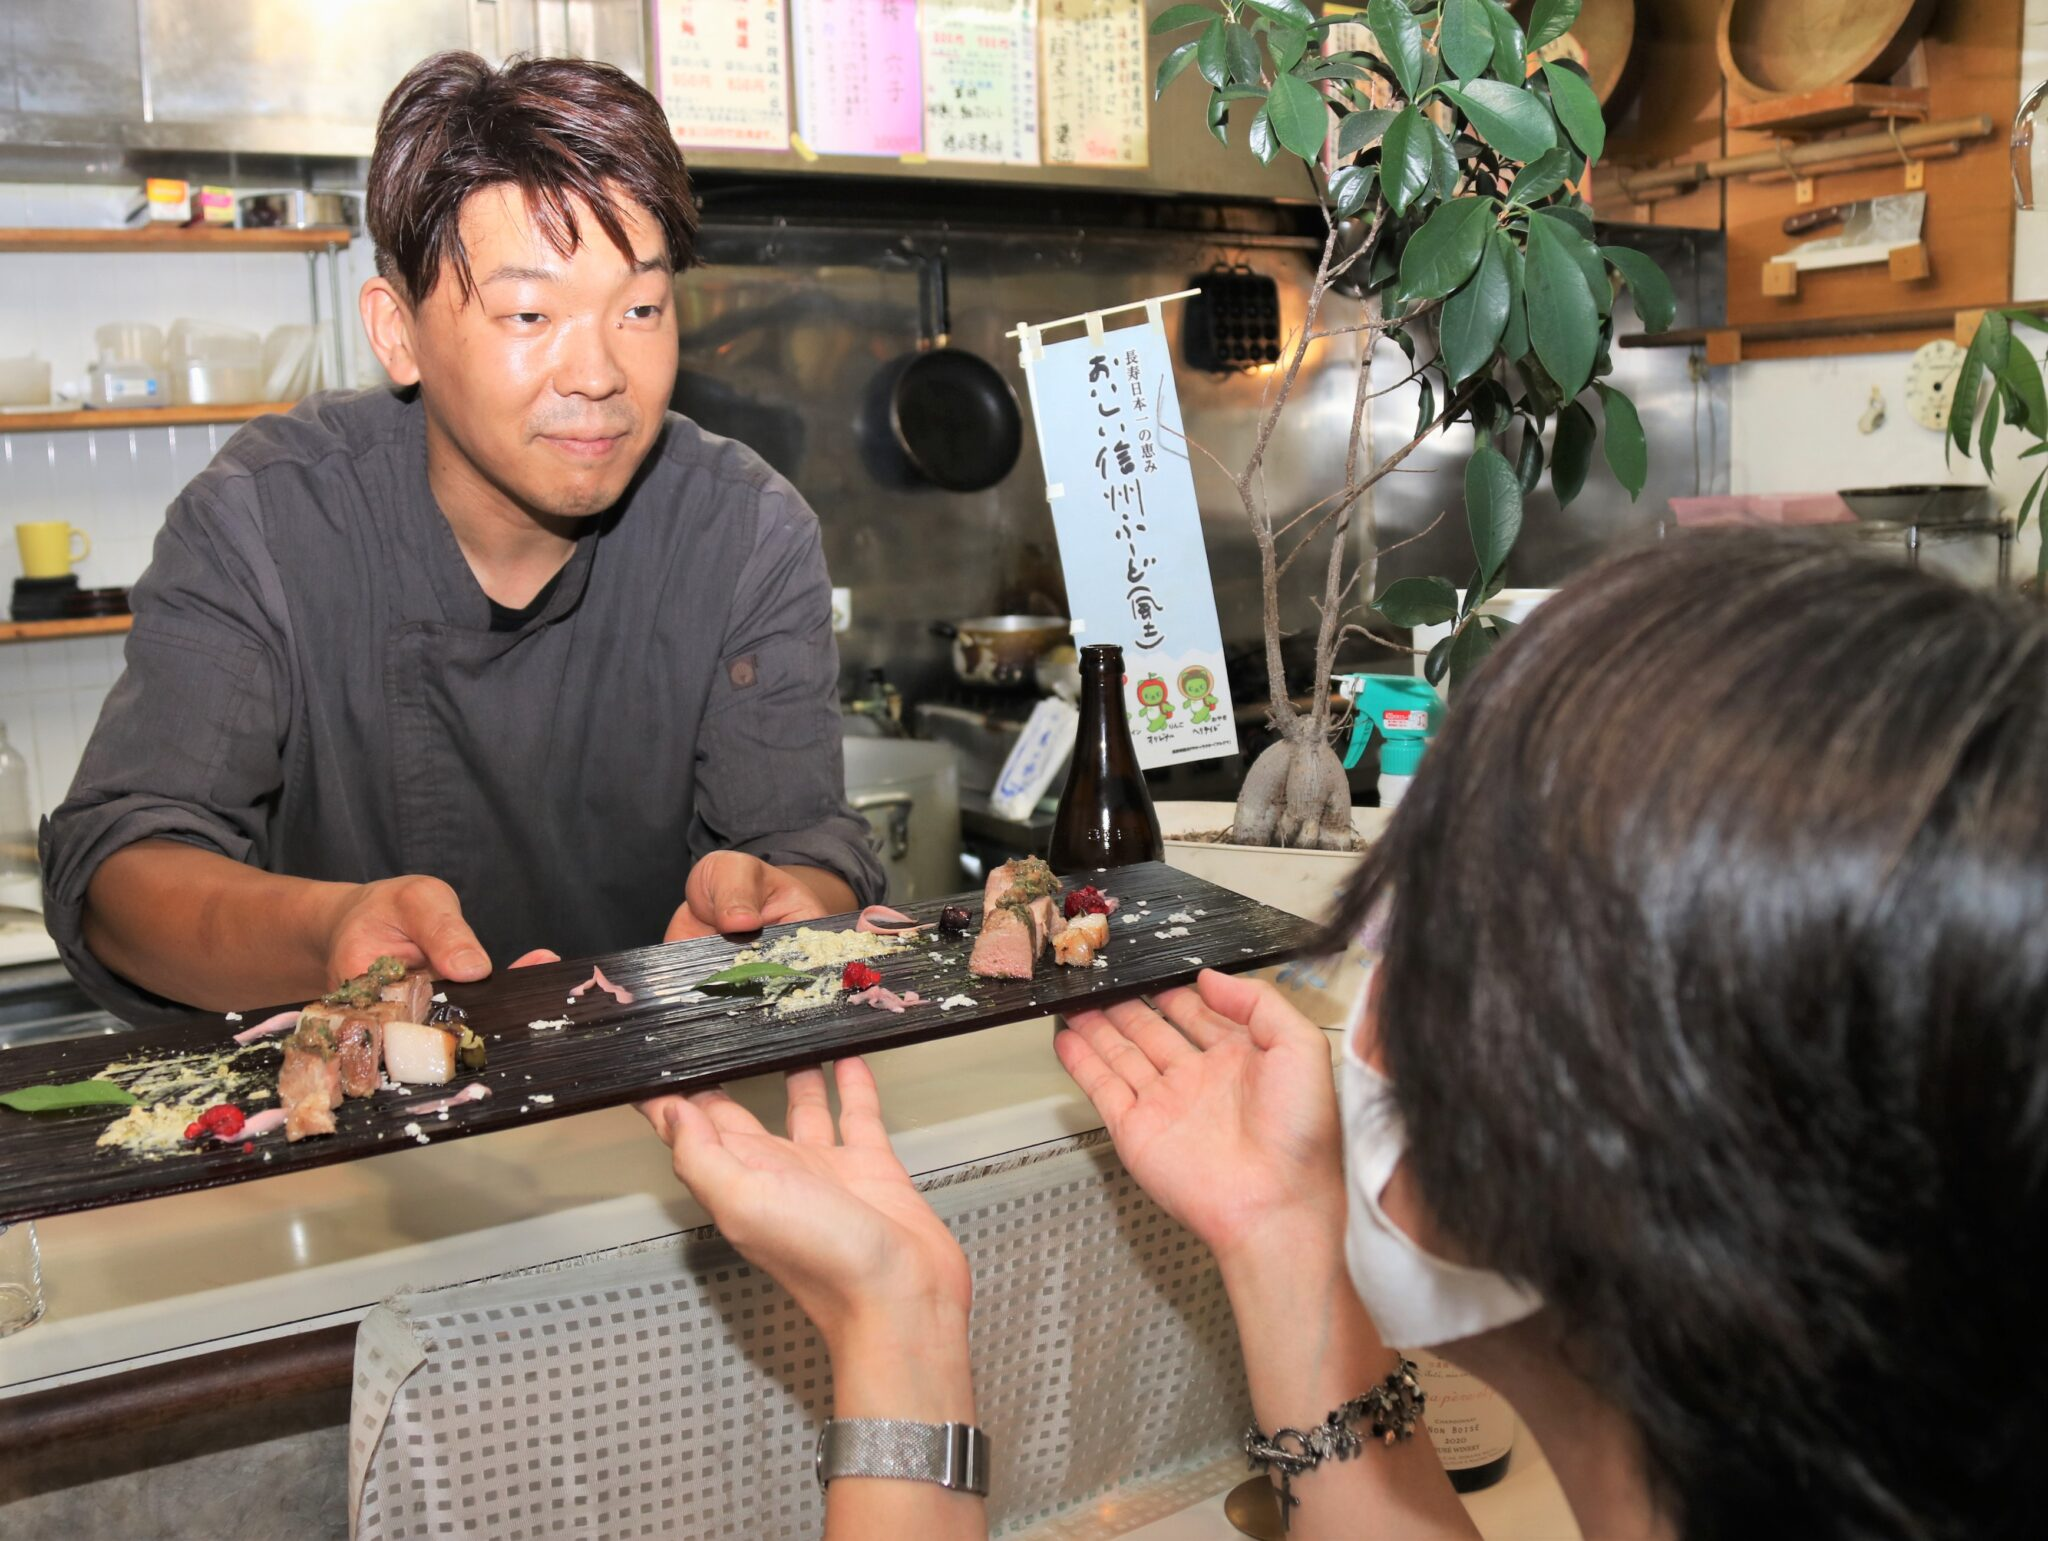 木曽漆器は高級なのに 飲食店に無料レンタルする訳は…